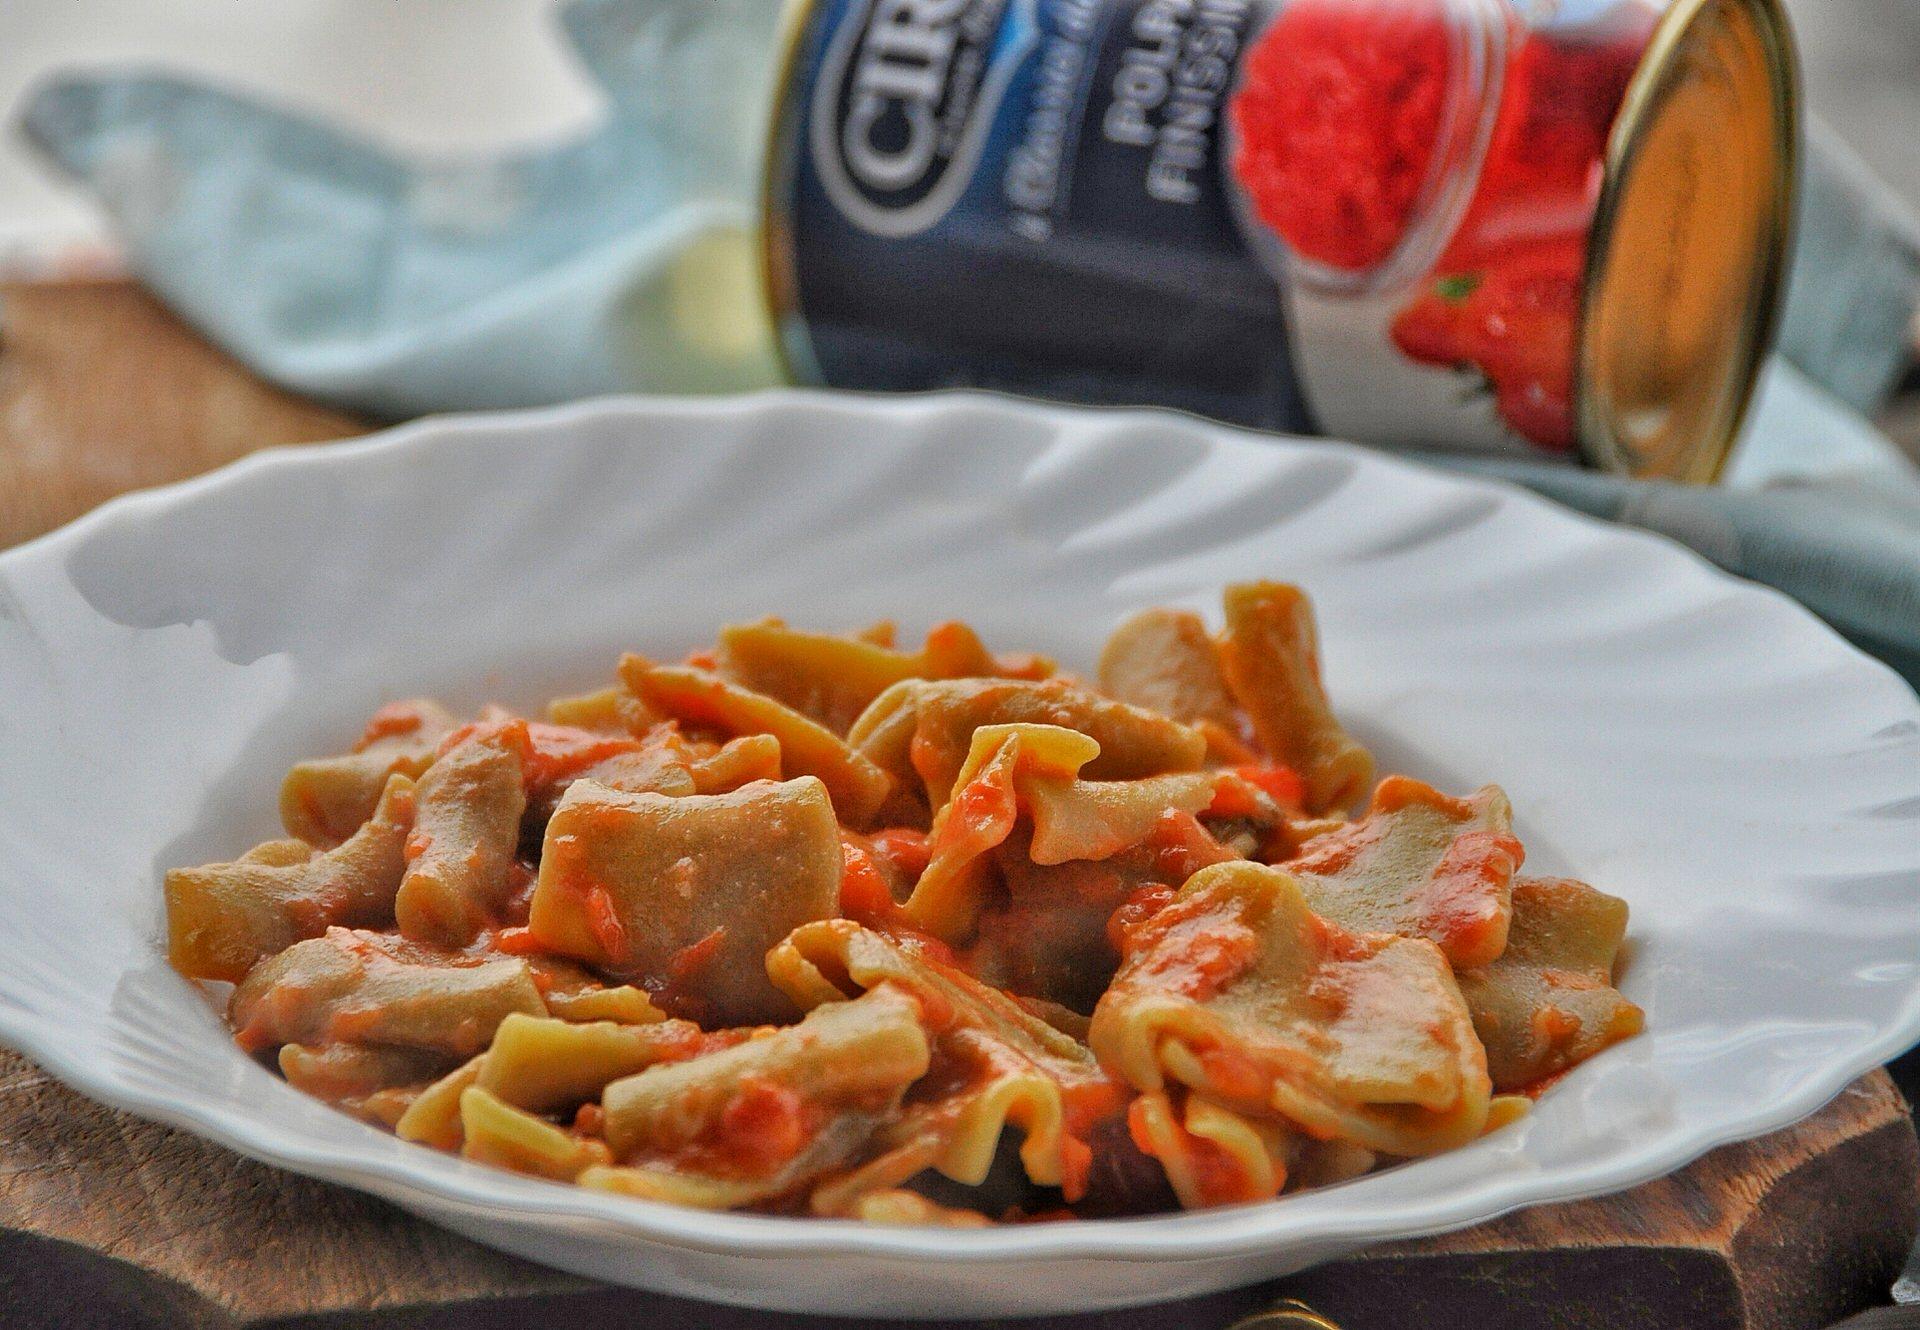 Paccheri al pistacchio con pomodoro e mozzarella